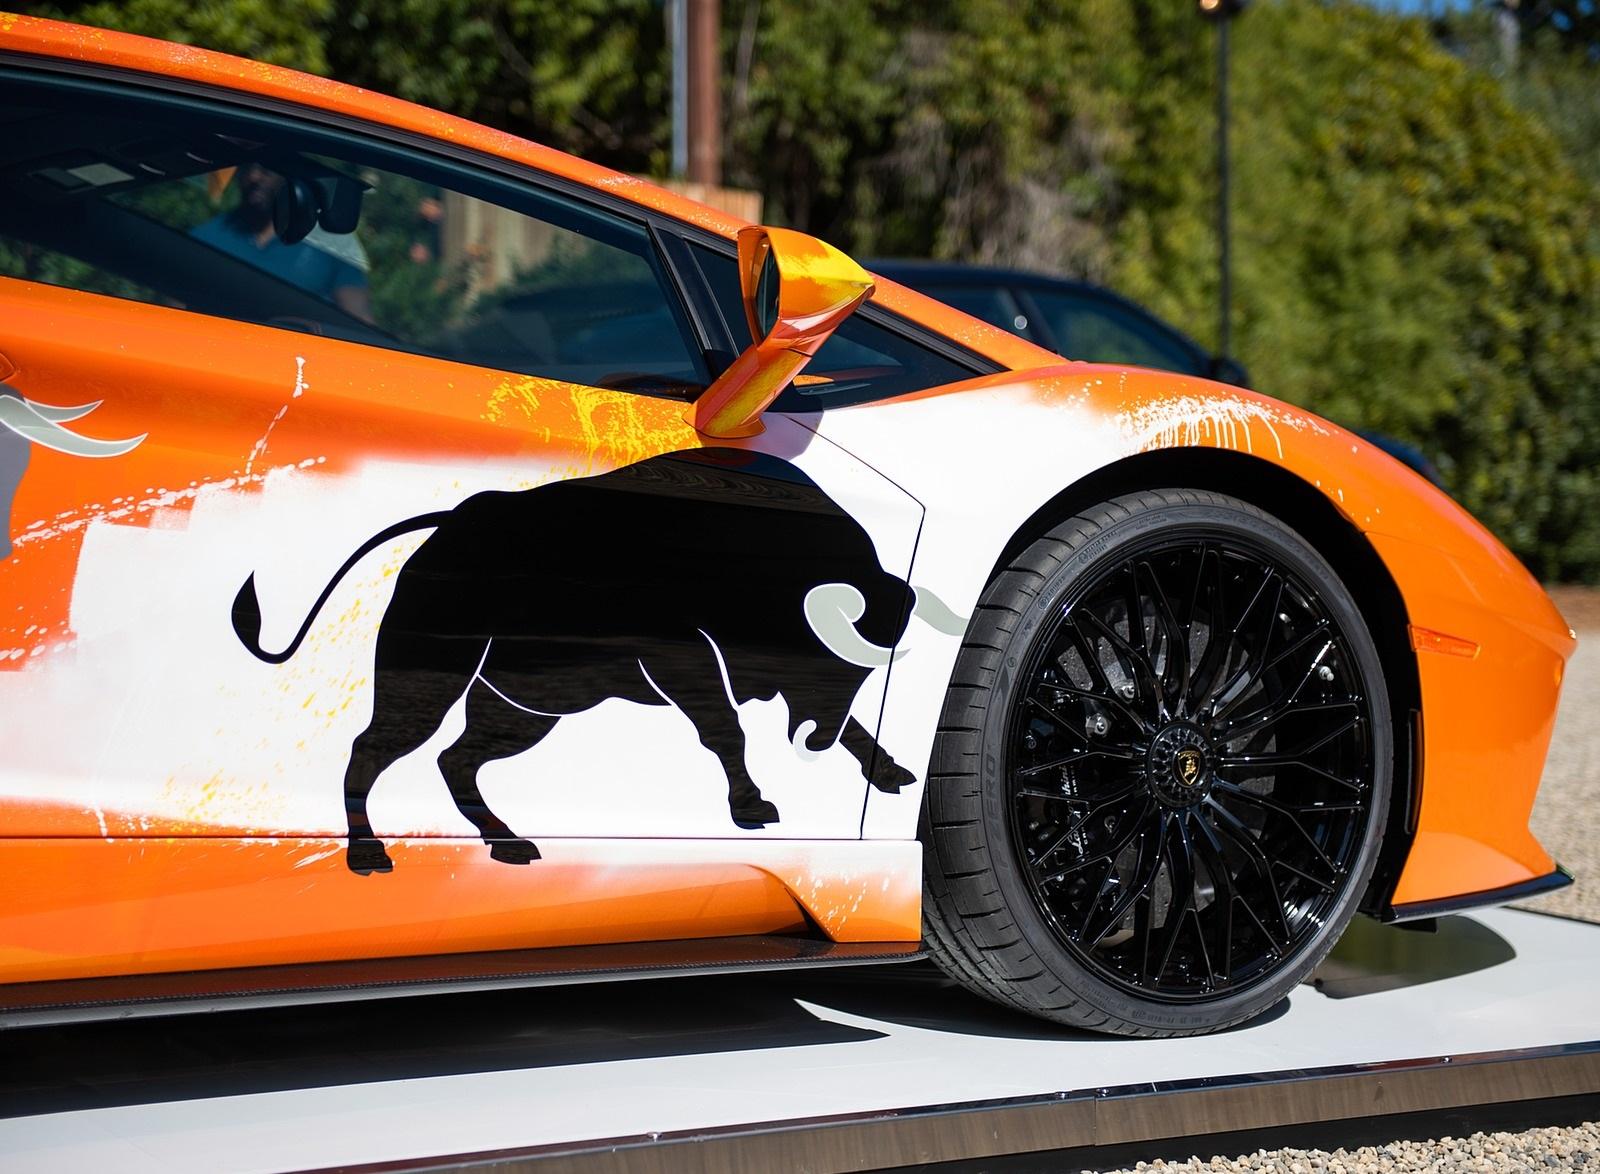 2019 Lamborghini Aventador S by Skyler Grey Detail Wallpapers (15)